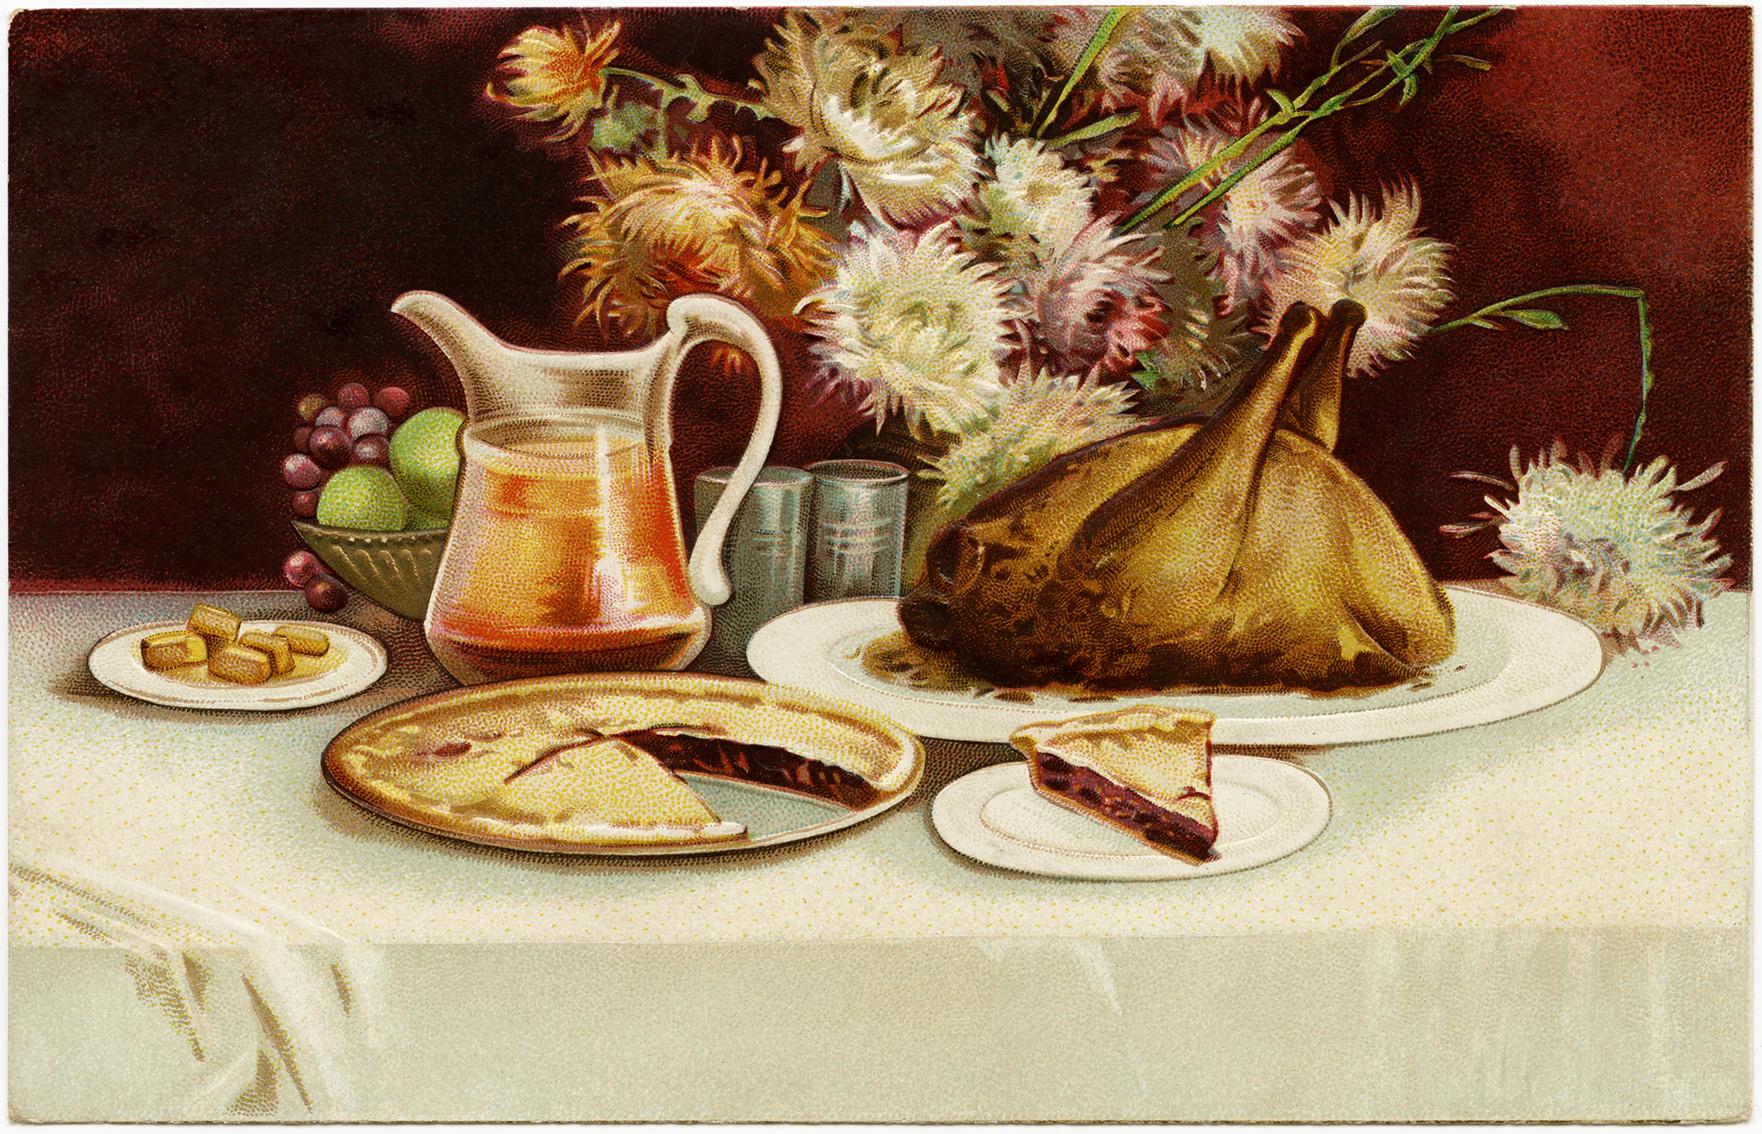 ellen clapsaddle, free vintage digital postcard, old thanksgiving image, turkey dinner illustration, old fashioned food clipart